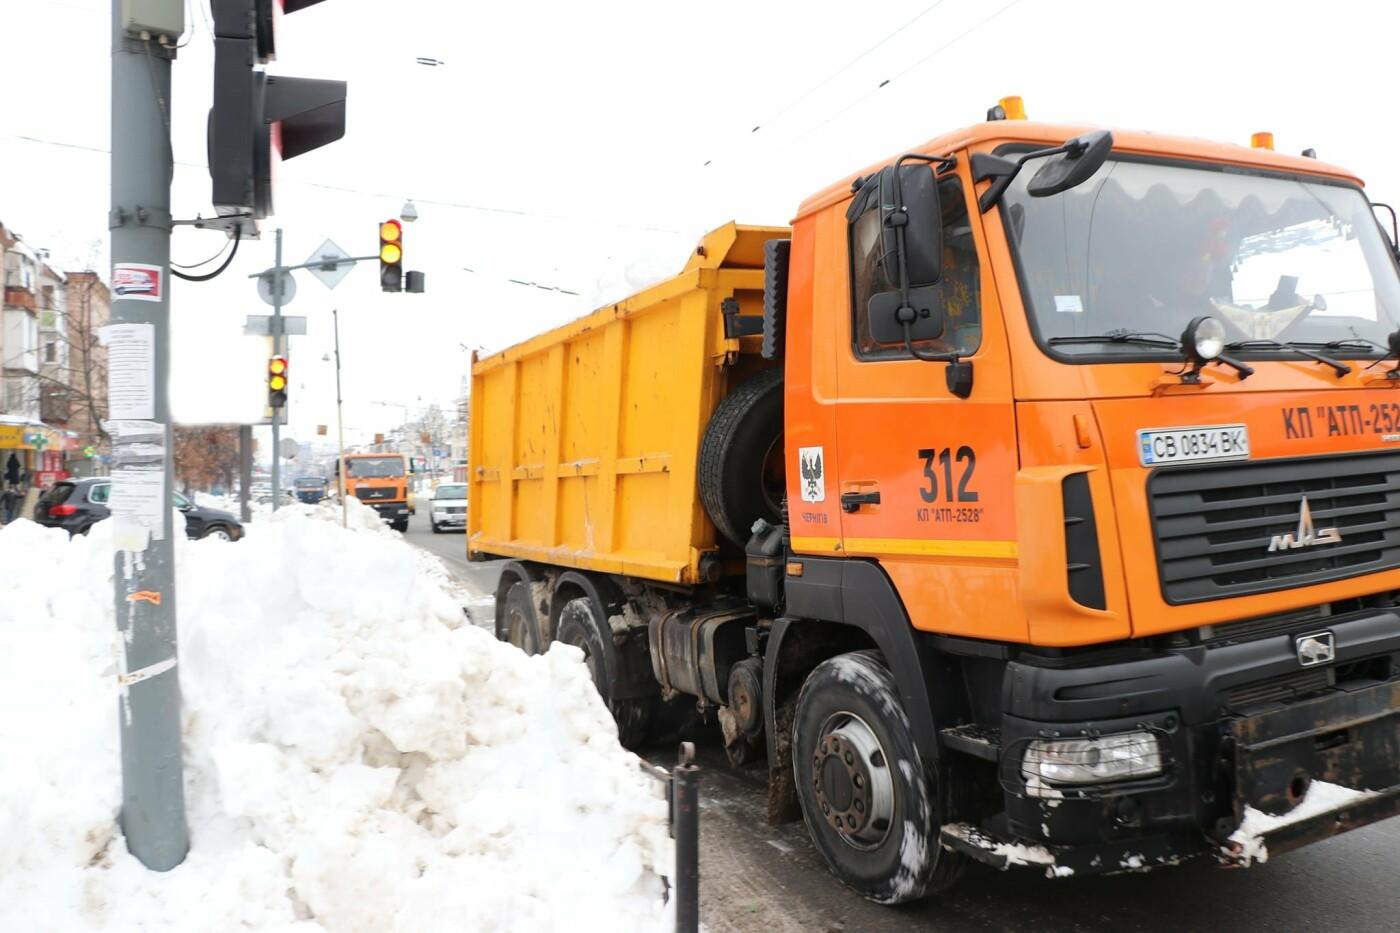 Тотальна чистка: за вихідні з вулиціь Чернігова вивезли більше 6 000 м3 снігу, фото-4